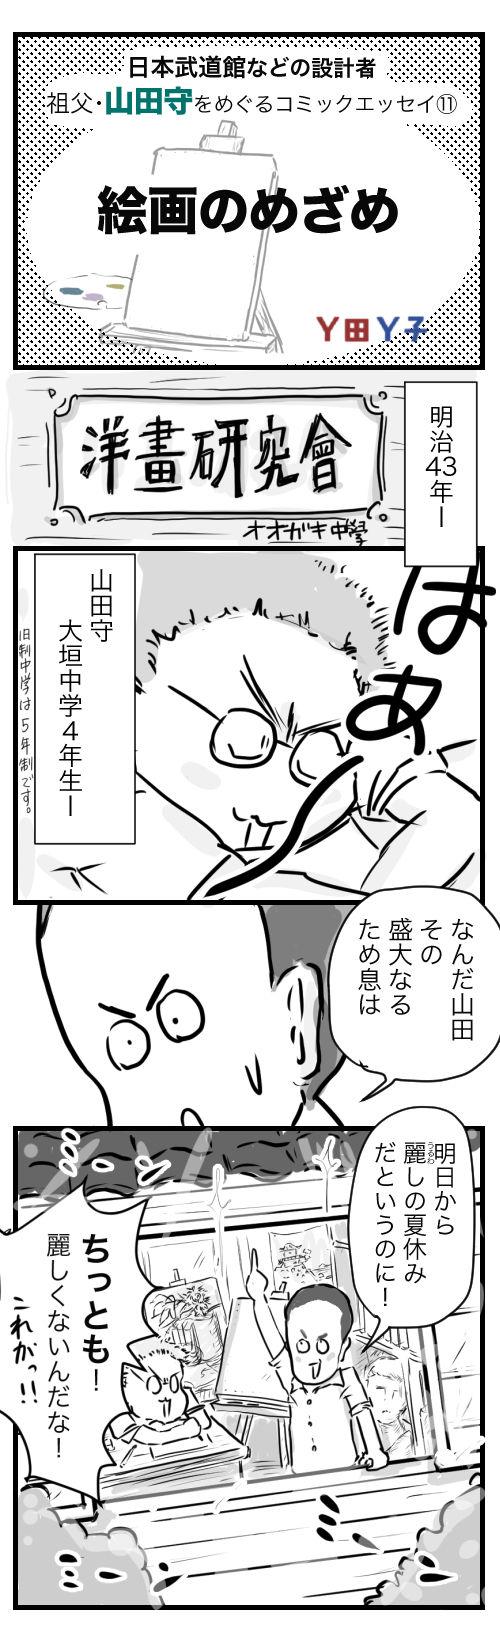 山田11-1−1